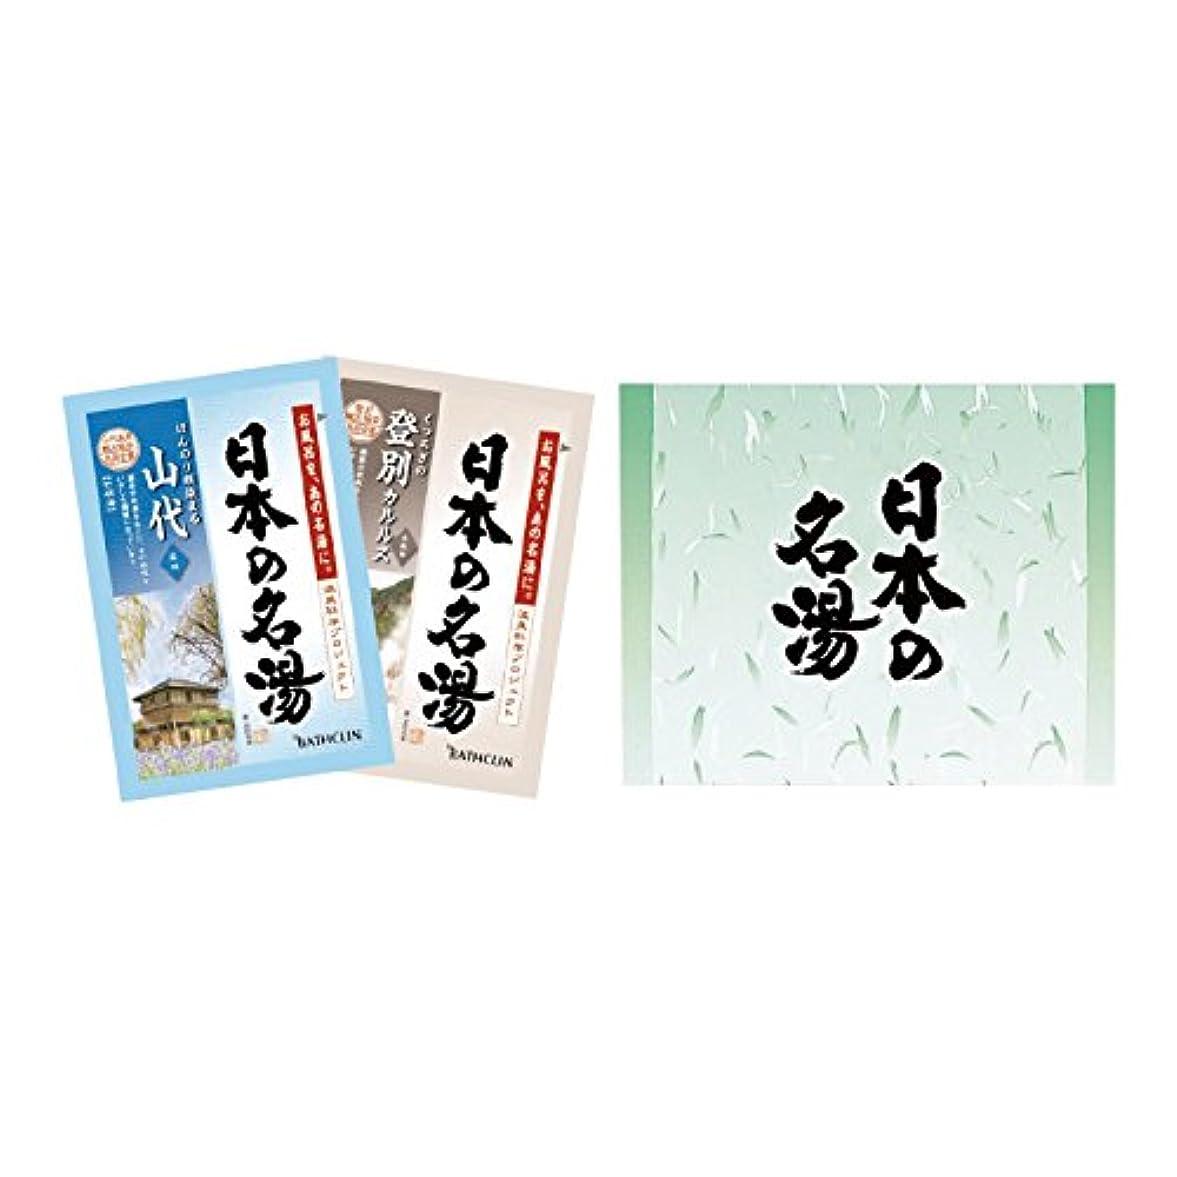 マントルキャメル更新日本の名湯 入浴剤 2包入